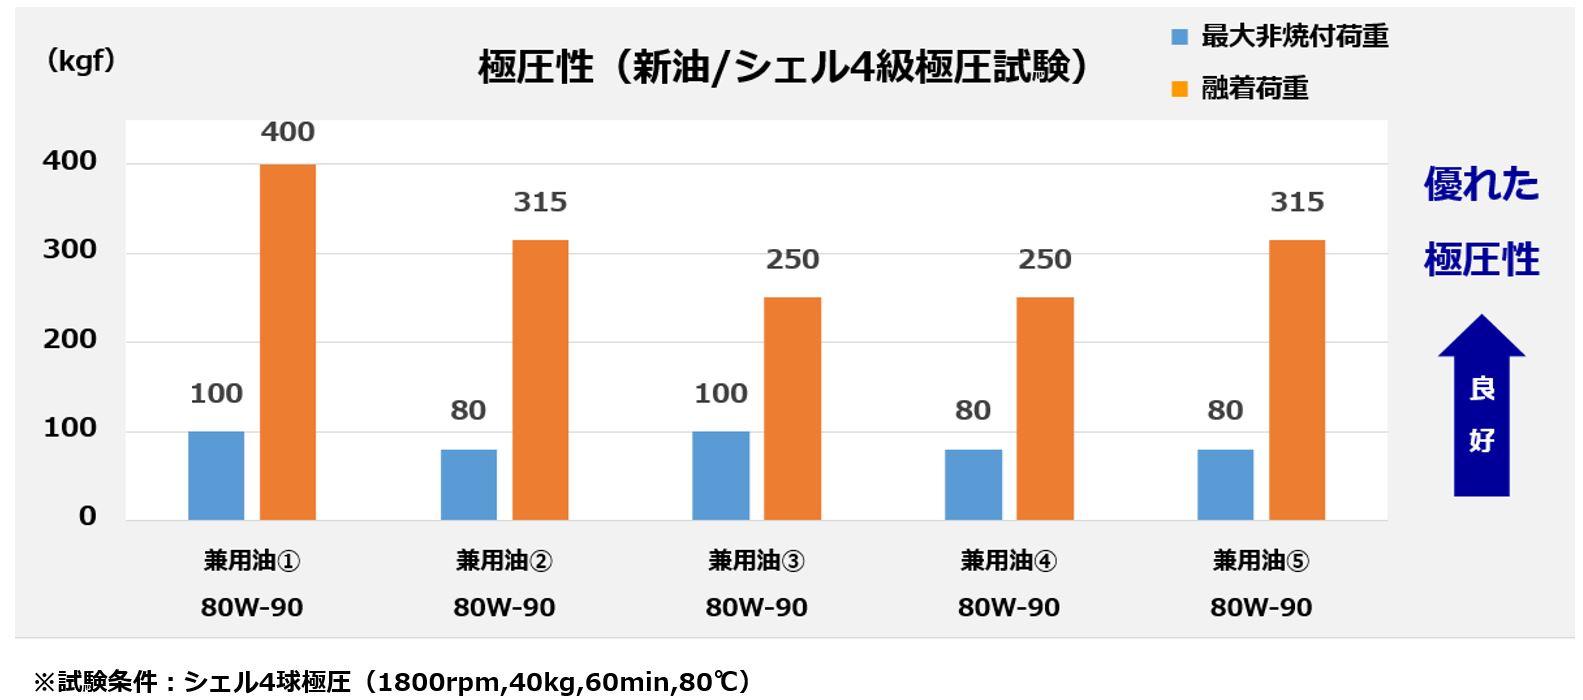 デフ・ミッション兼用油の耐荷重性の比較